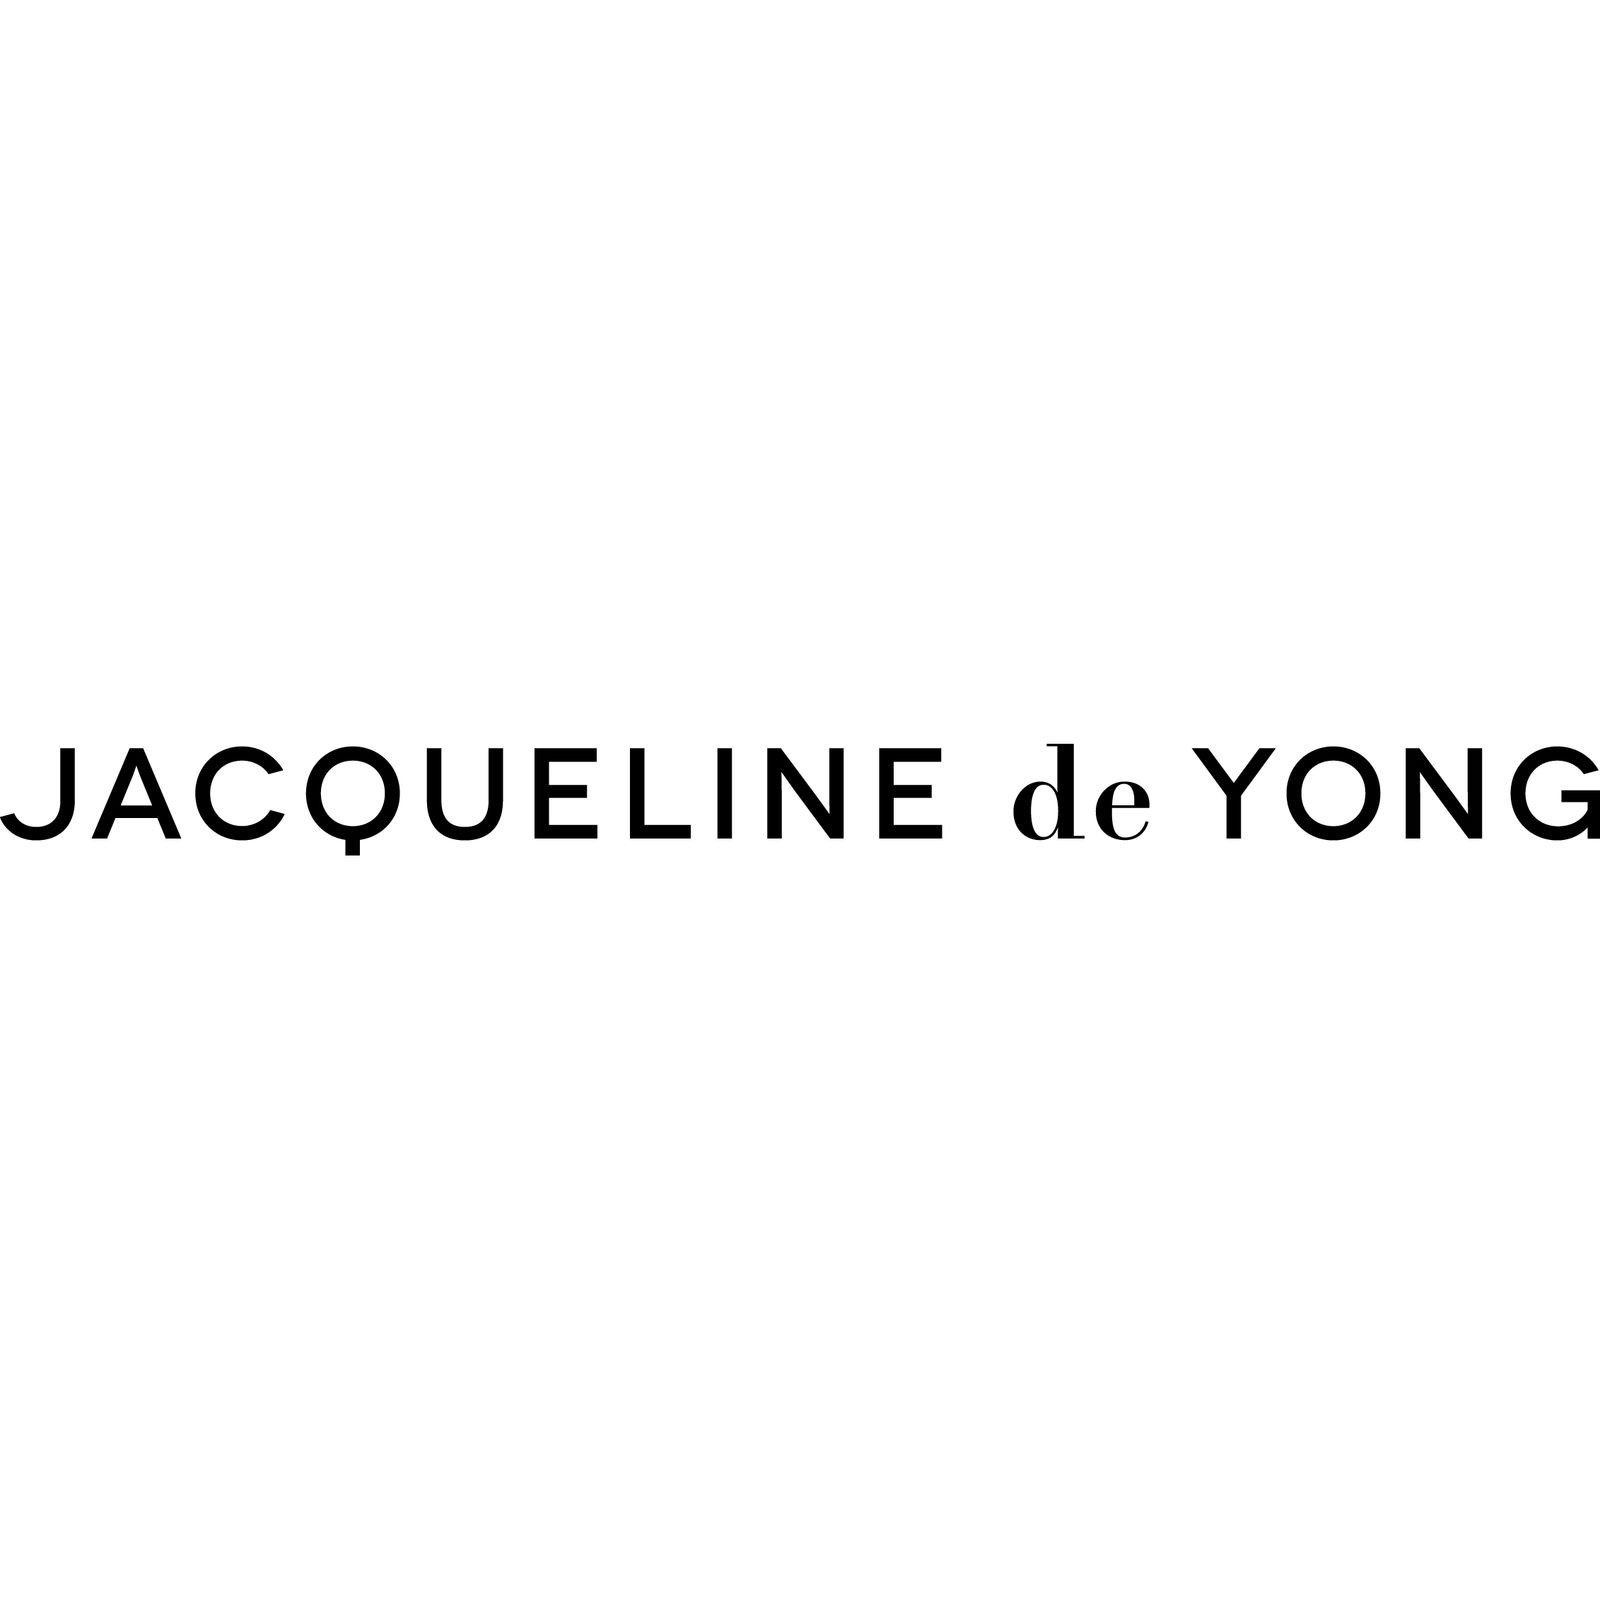 Jacqueline de Yong (Bild 1)